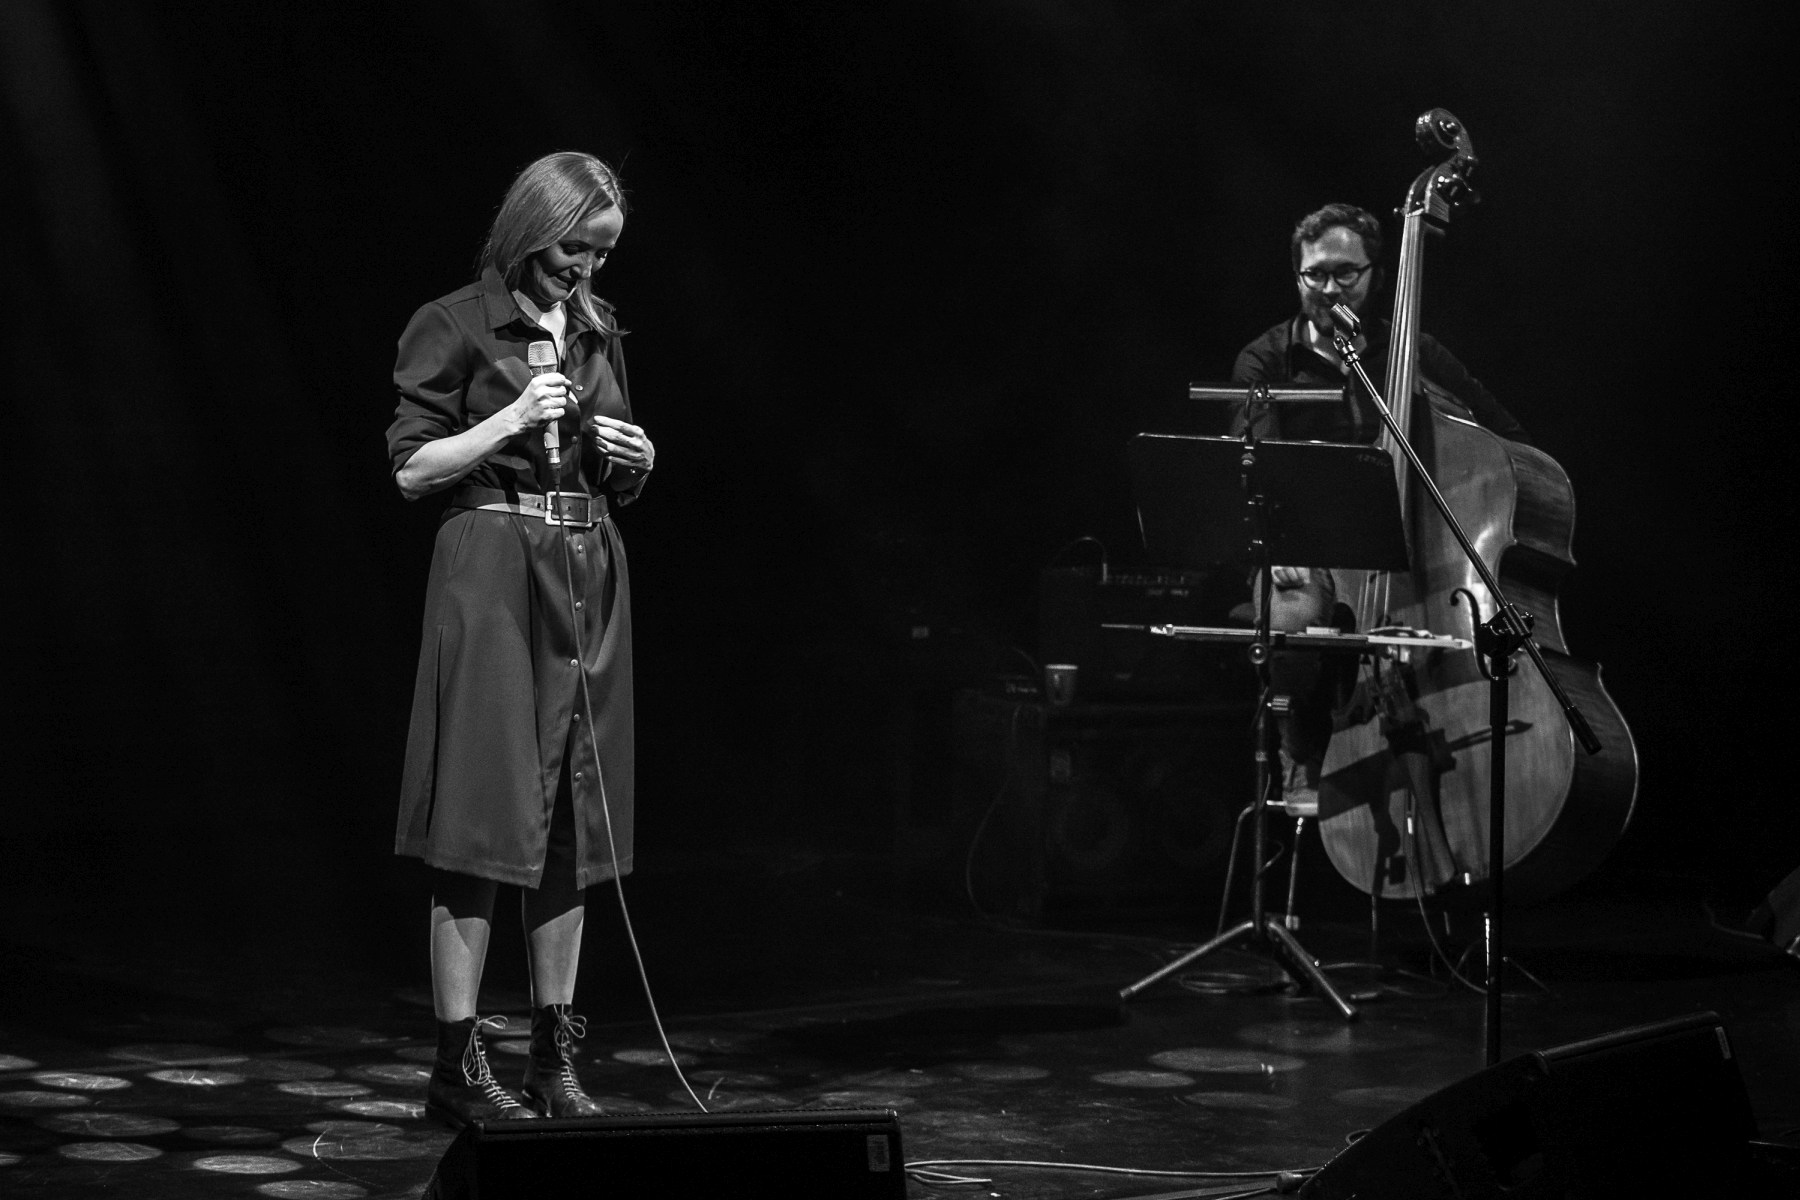 Po lewej stronie Justyna Szafran z mikrofonem z ręce i pochyloną głową. Po prawej Jakub Olejnik przy kontrabasie. Zdjęcie monochromatyczne.